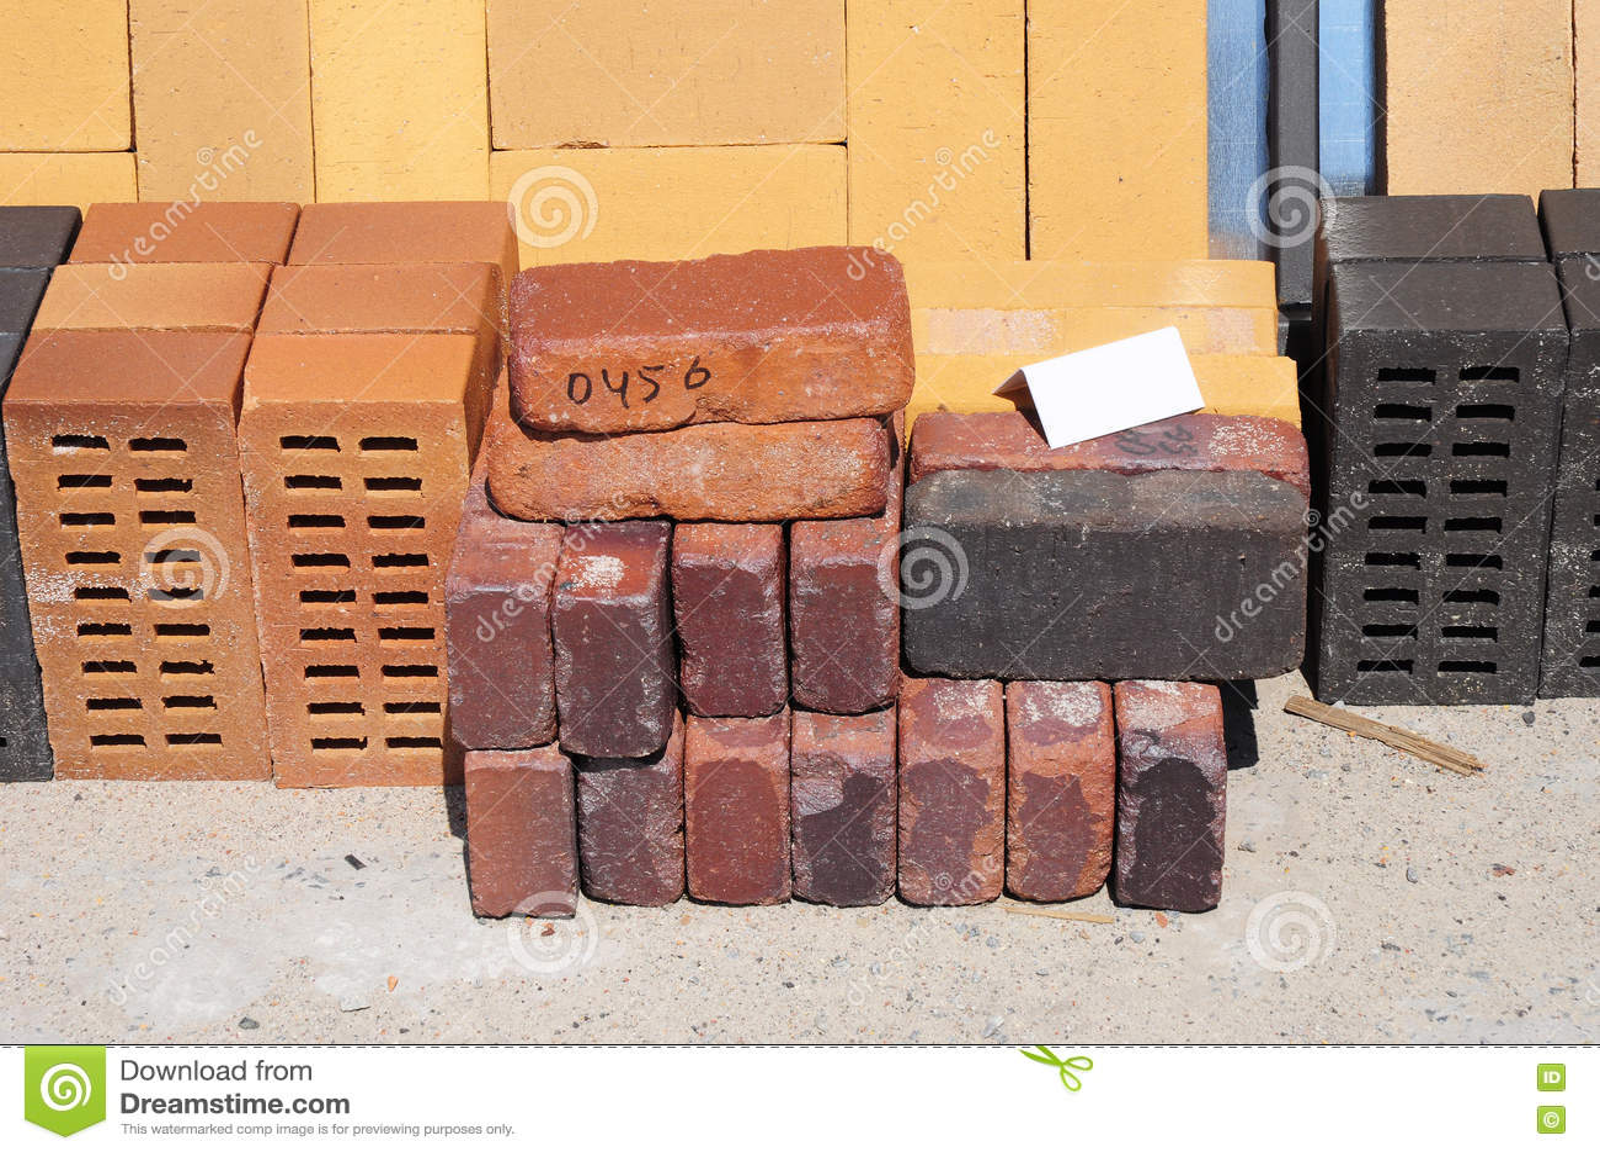 Colored Building Blocks, Bricks And Concrete Pavers (paving Stone) Or Patio  Blocks Organized